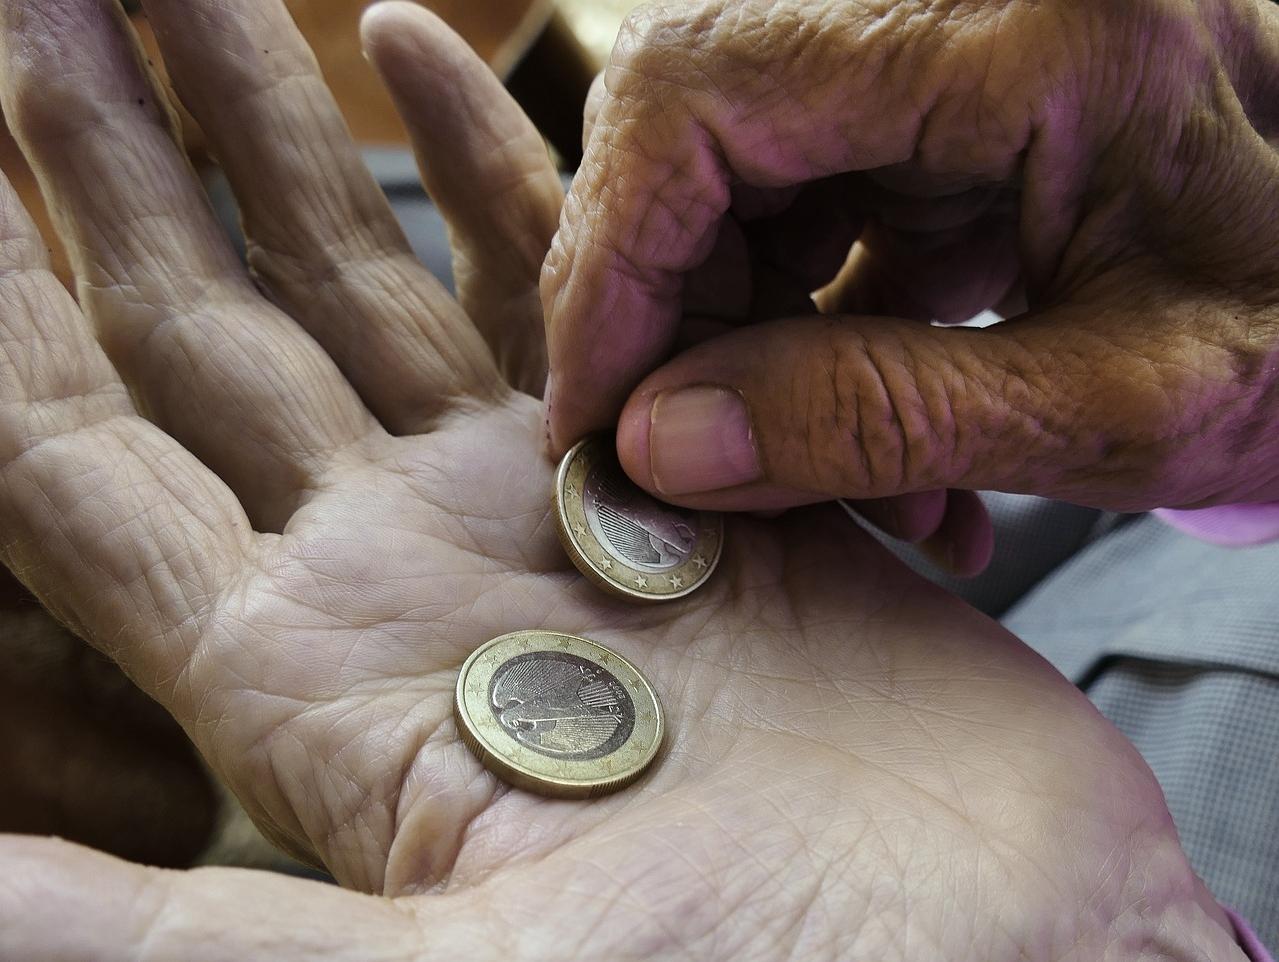 Mehr als jeder Sechste ist von Ausgrenzung und Armut bedroht - VersicherungsJournal Deutschland